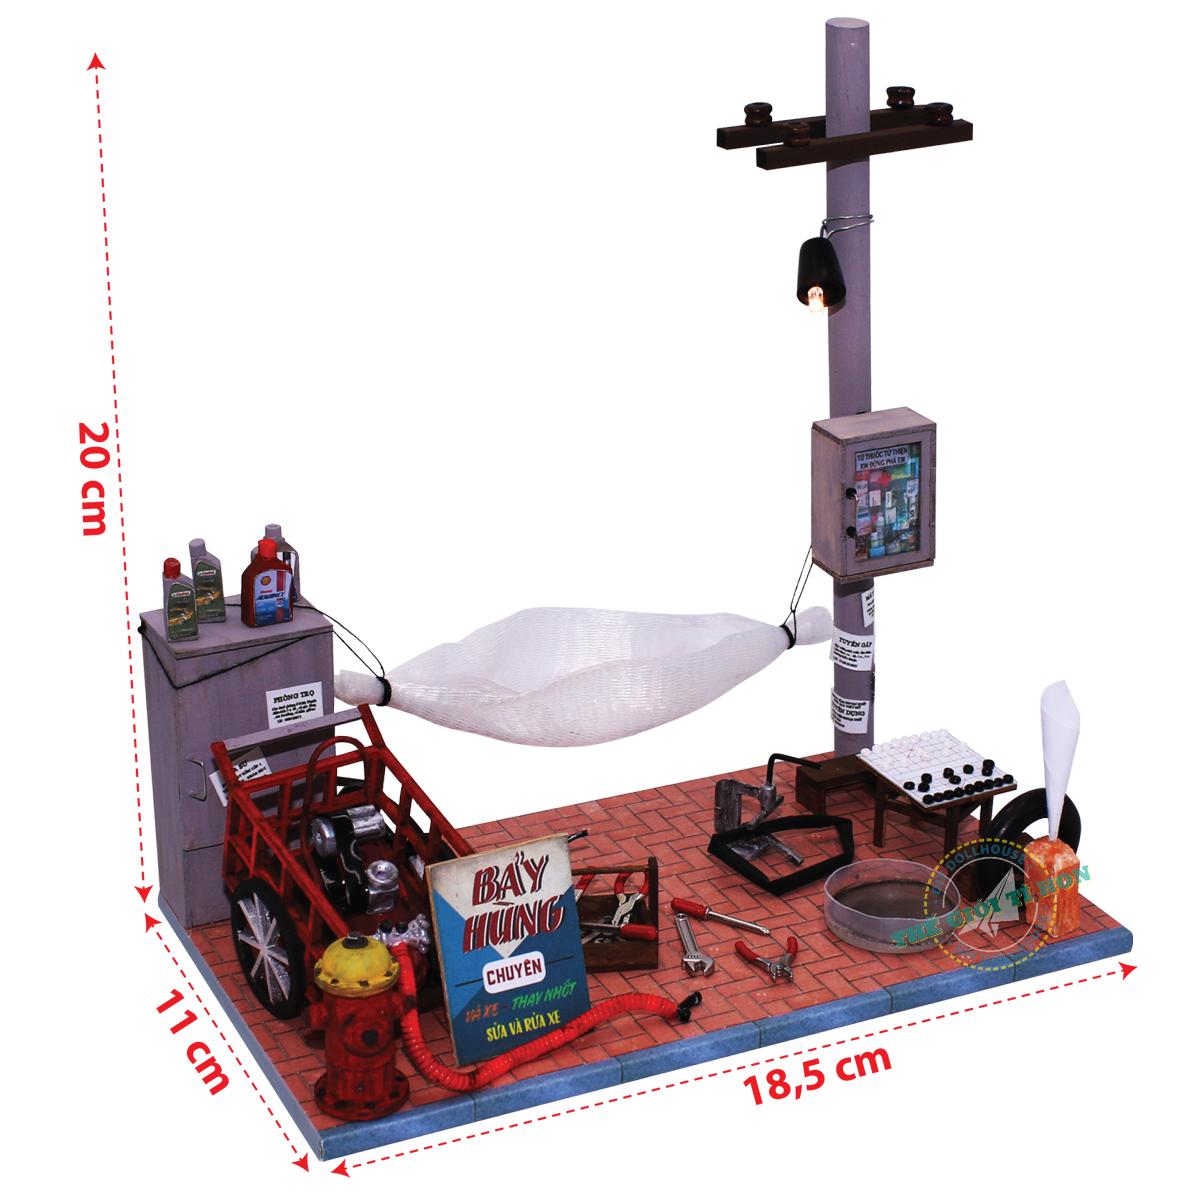 đồ chơi ký ức mô hình gỗ tí hon sửa xe vỉa hè sài gòn GP03  (1)